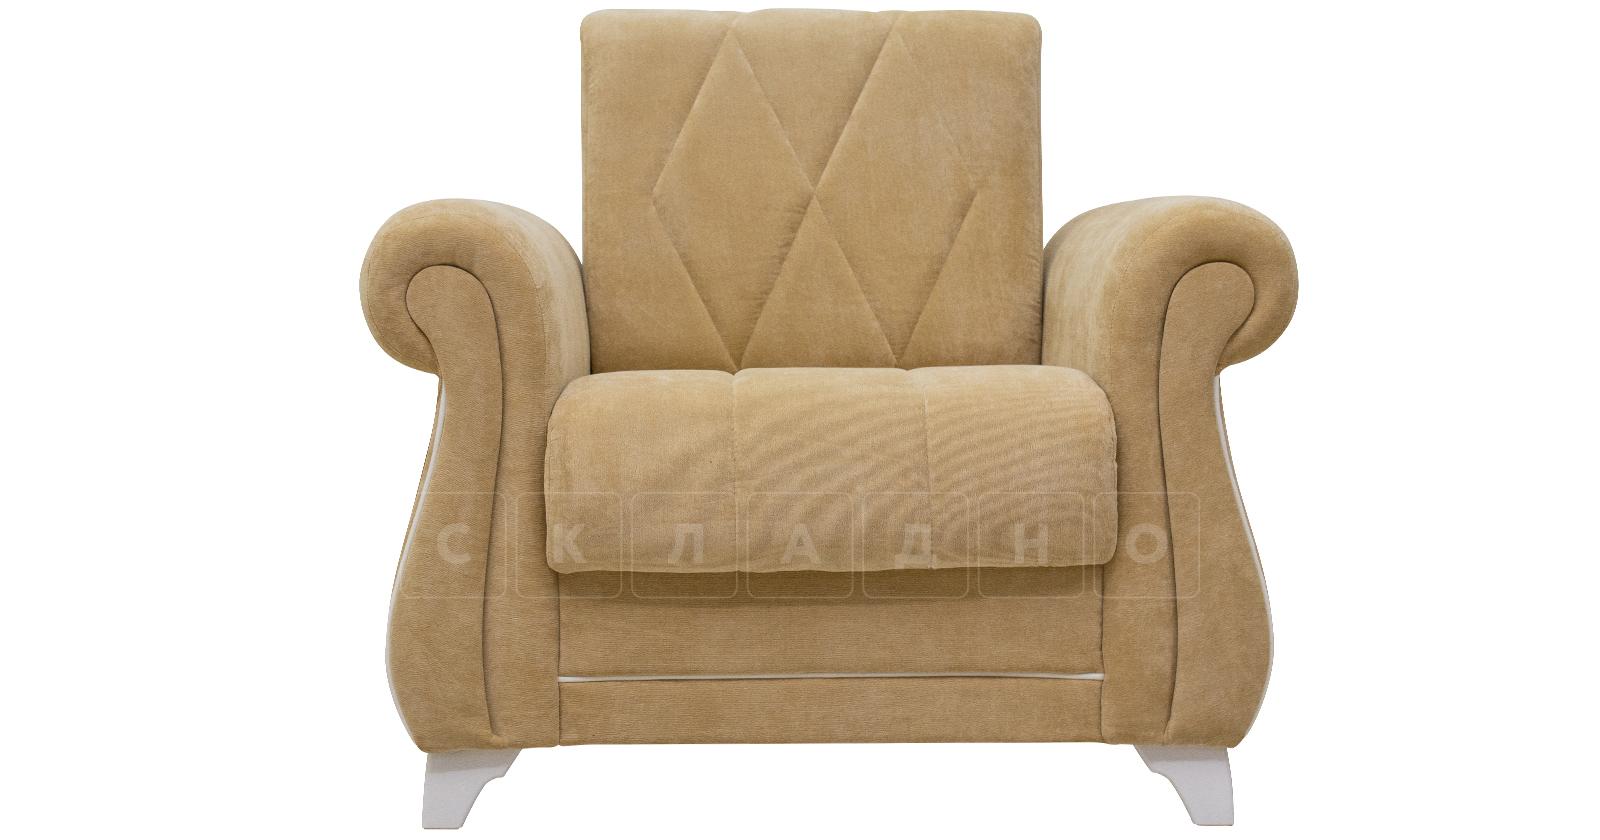 Кресло для отдыха Роза желто-песочный фото 2 | интернет-магазин Складно